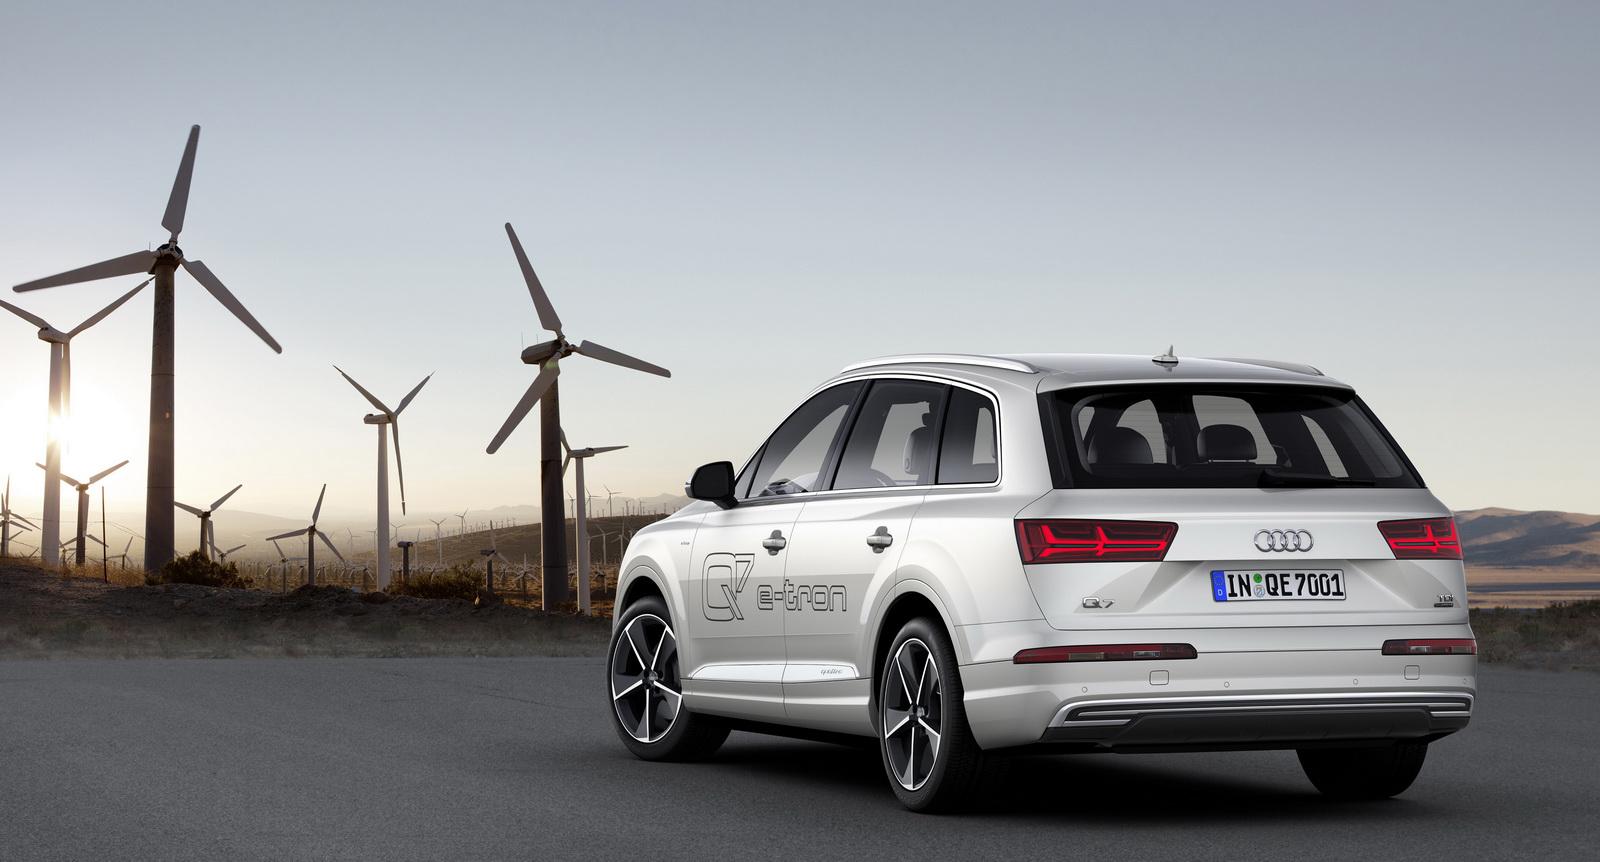 Audi Q7 e-tron 3.0 TDI quattro 2016: Sólo 1.7l/100 km de consumo medio 3